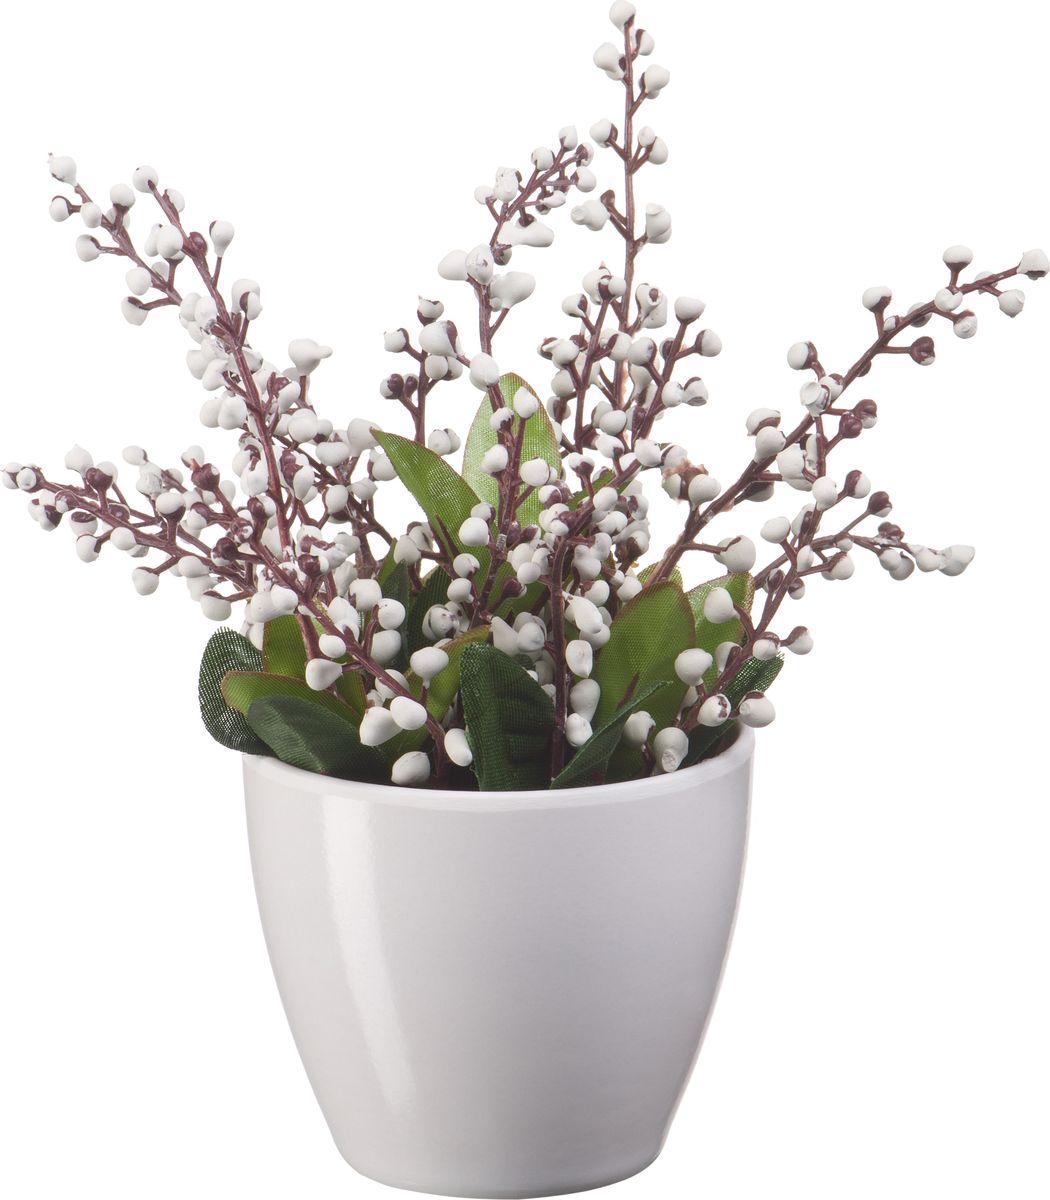 Композиция цветочная Engard Ландыш, в кашпо, цвет: белый, 18 х 18 х 19 смB39белИскусственные цветы Engard - это популярное дизайнерское решение для создания природного колорита и гармонии в пространстве. Искусственный ландыш в керамическом кашпо высотой 19 см выполнен аккуратно и довольно реалистично.